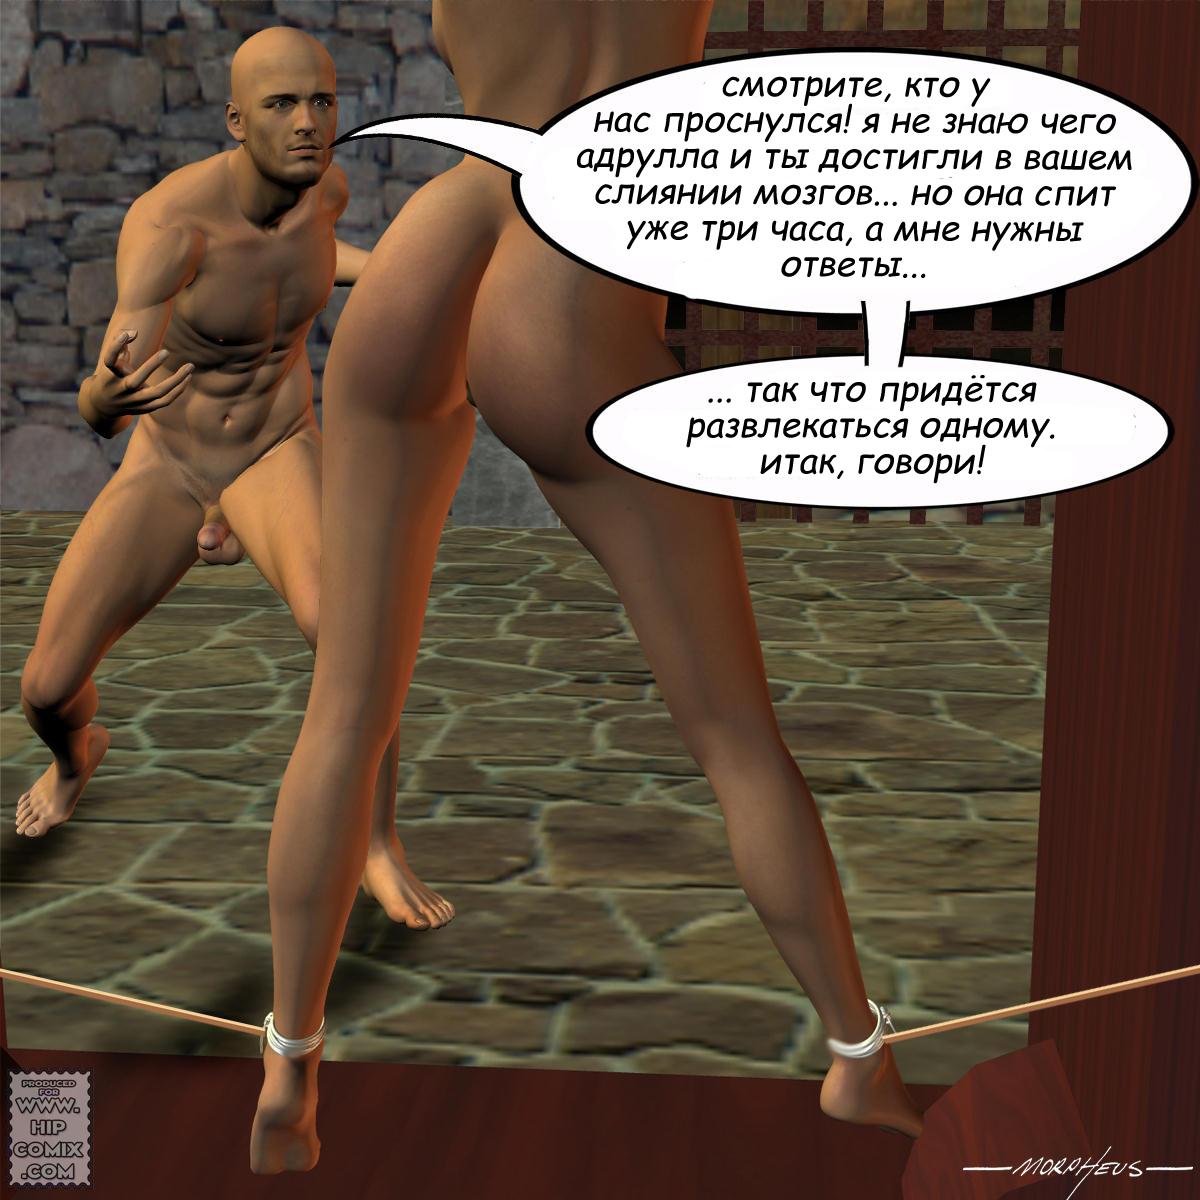 Тайна третьей планеты порно комикс 18 фотография